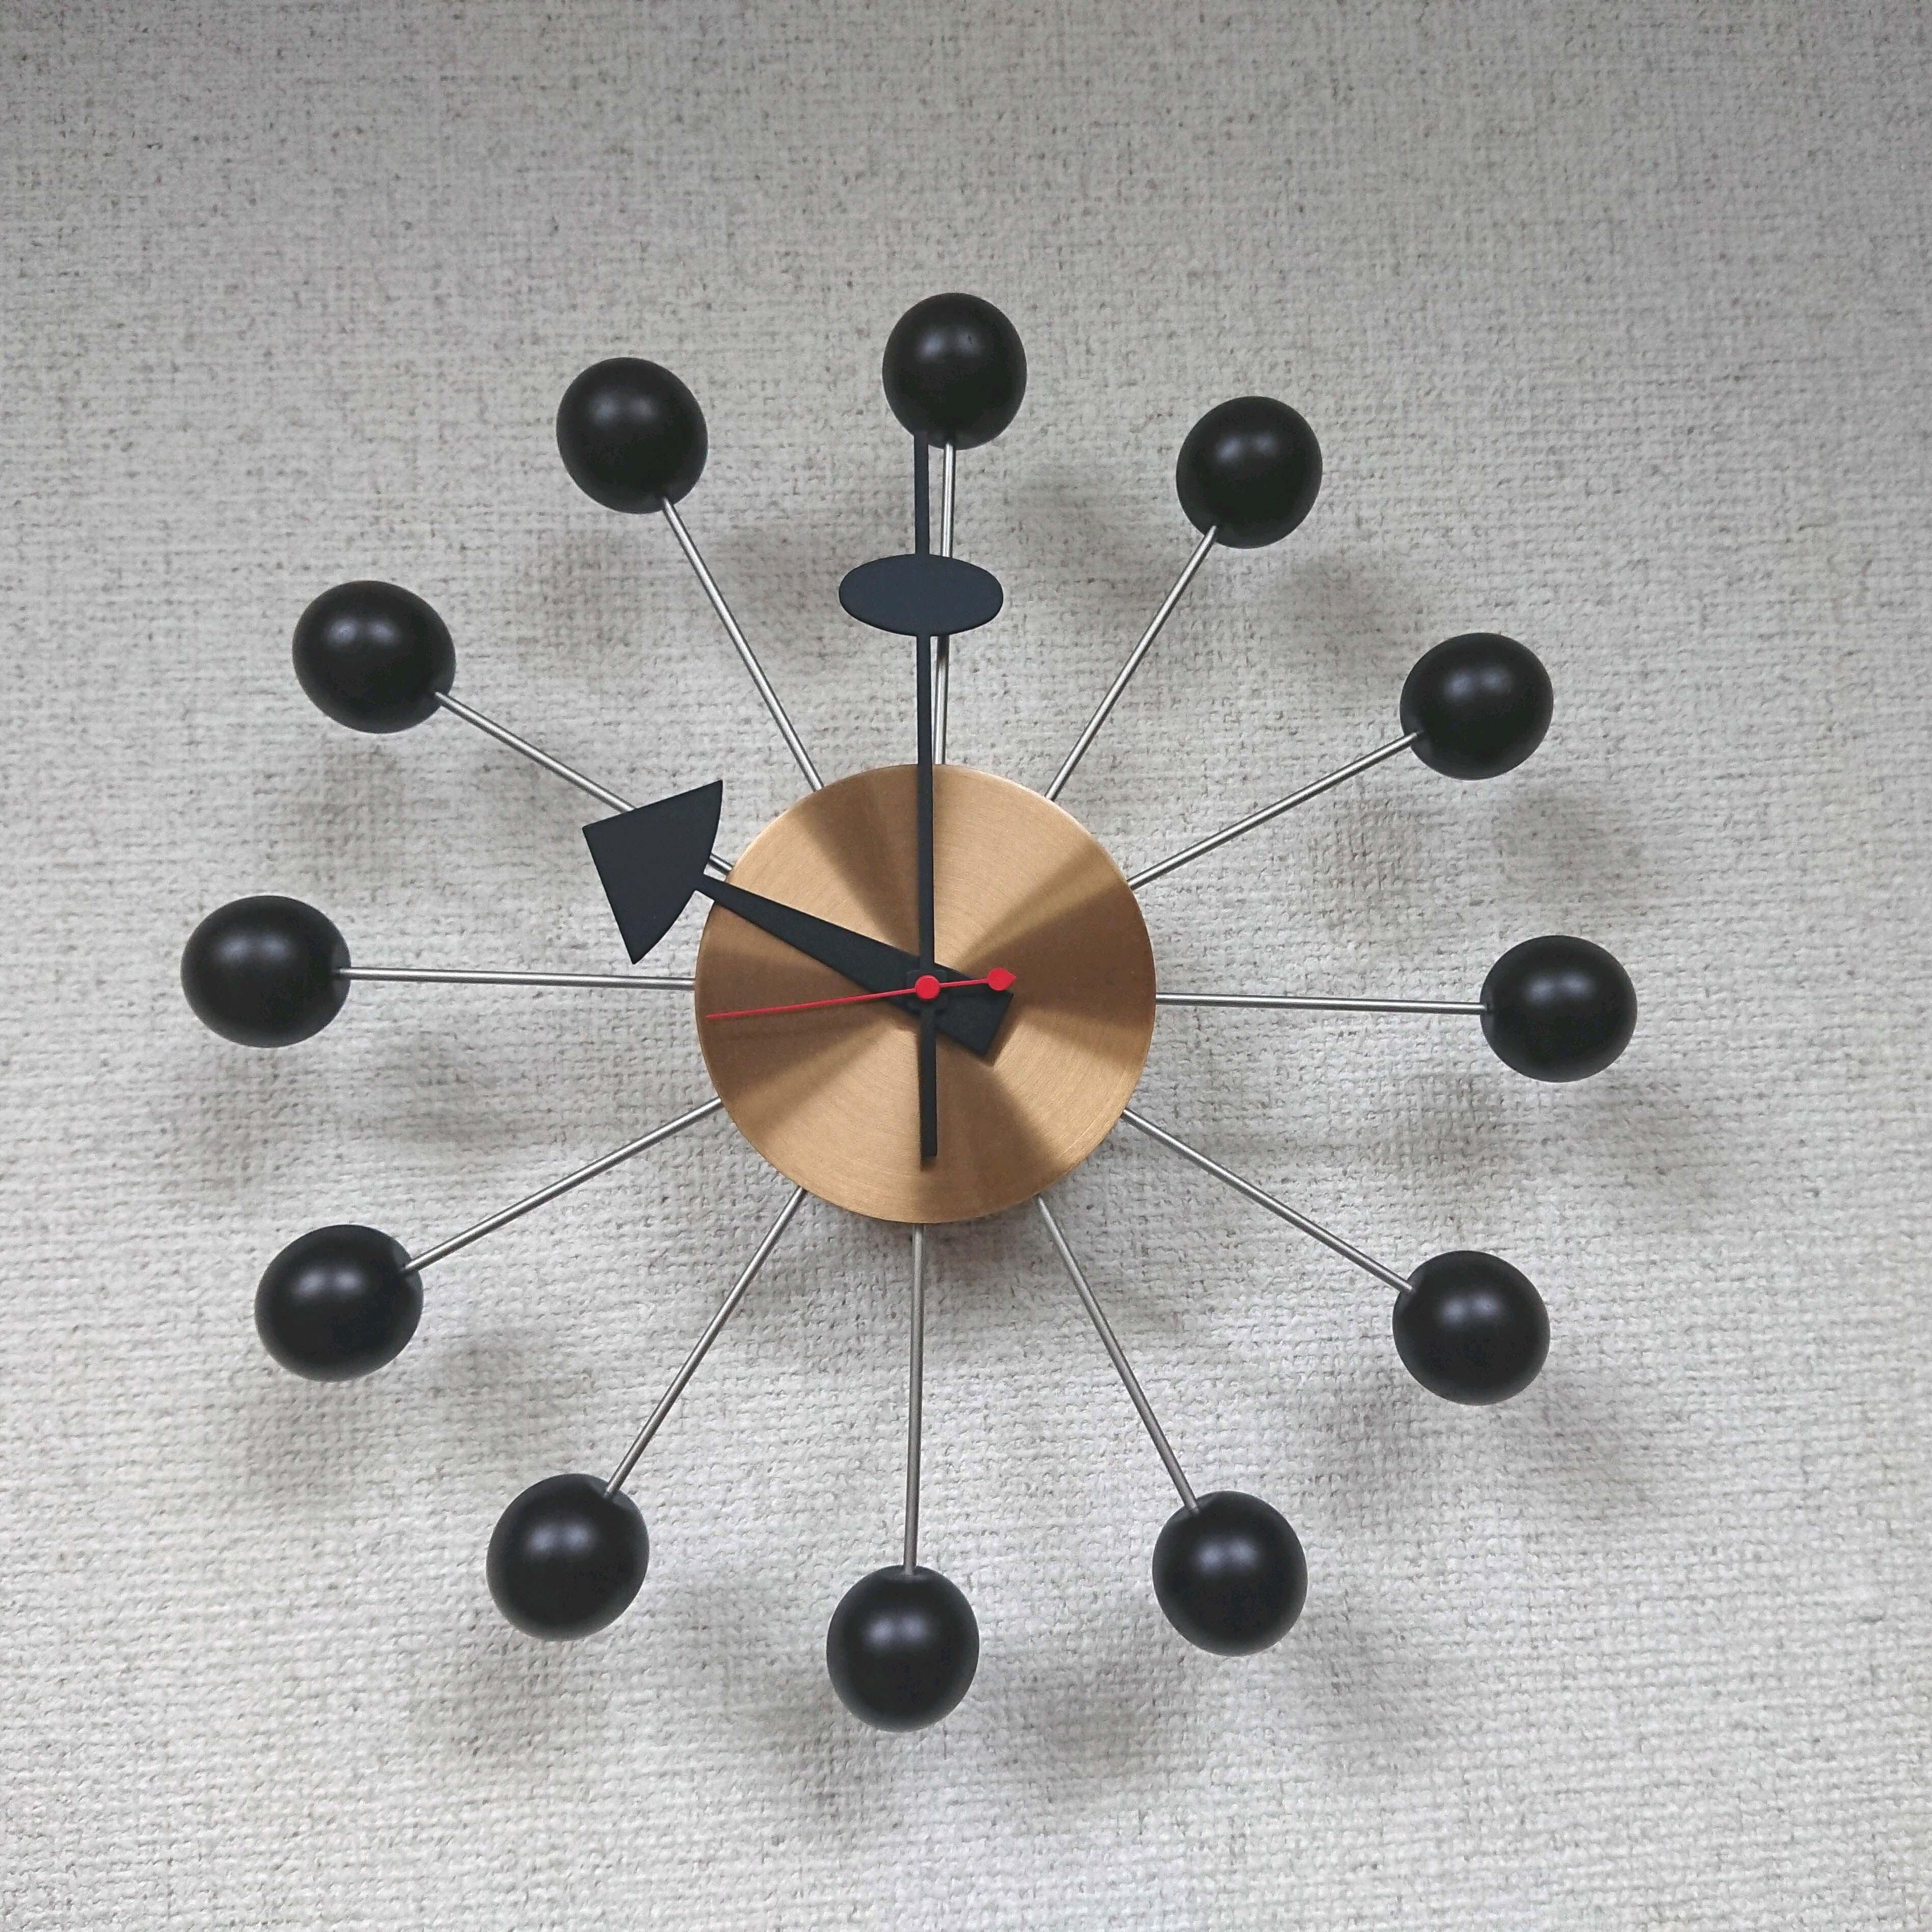 Vitra/ヴィトラ George Nelson/ジョージ・ネルソン ボールクロック 正規品 ブラックカラー 秒針付 ネルソンクロック